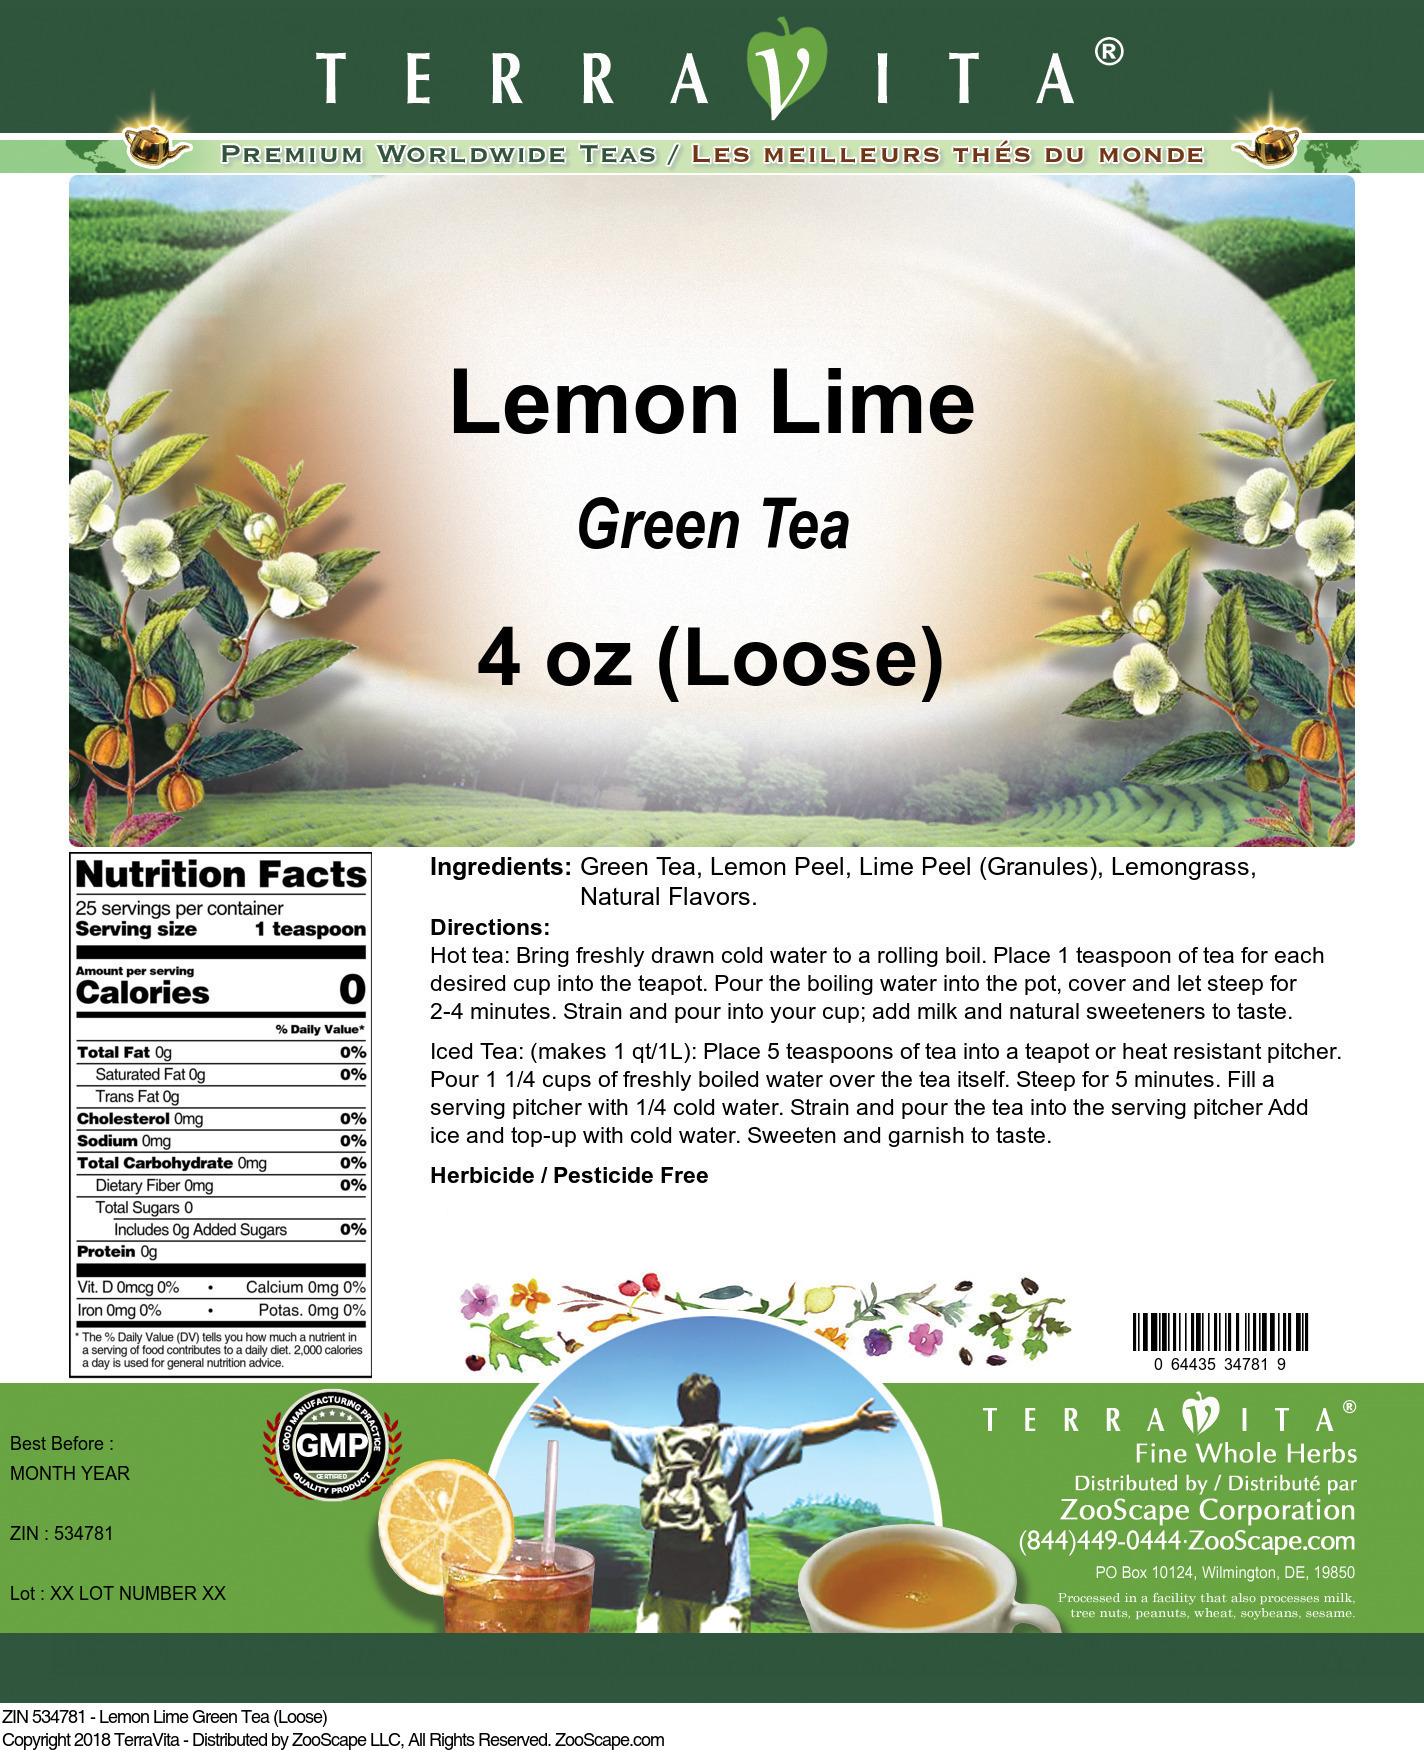 Lemon Lime Green Tea